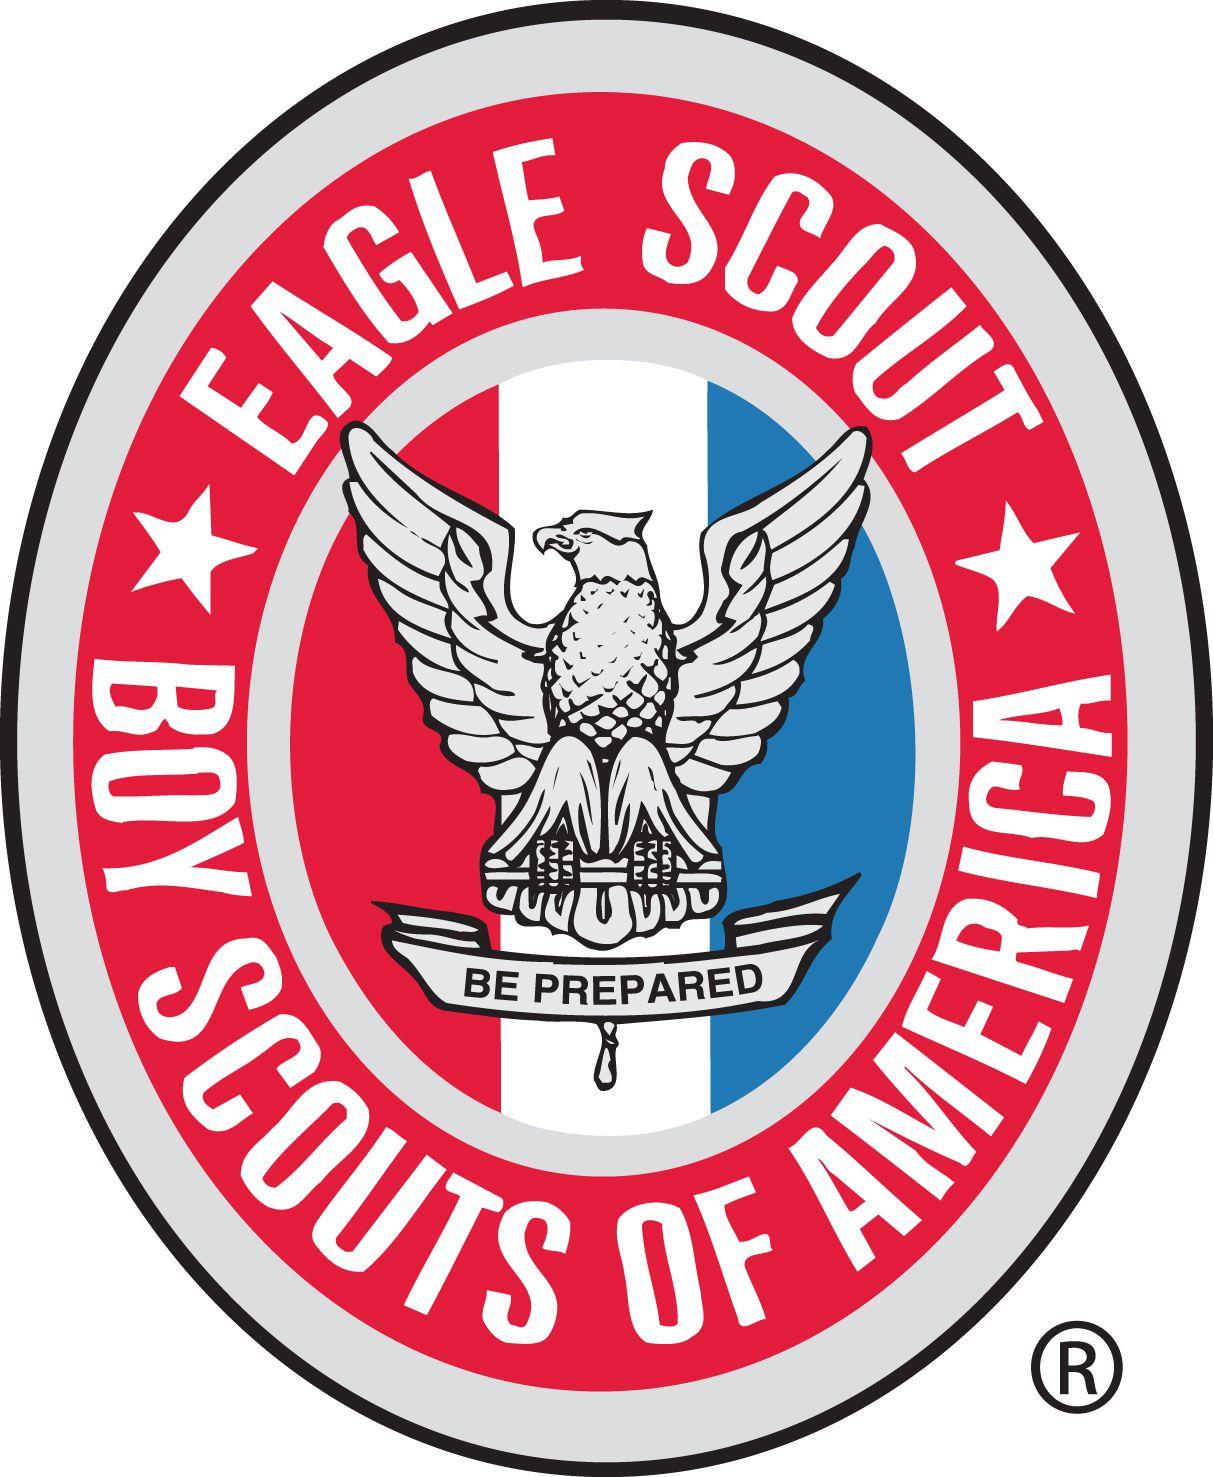 eagle scout badge boy scout troop scout badges scout mom cub scouts [ 1213 x 1477 Pixel ]